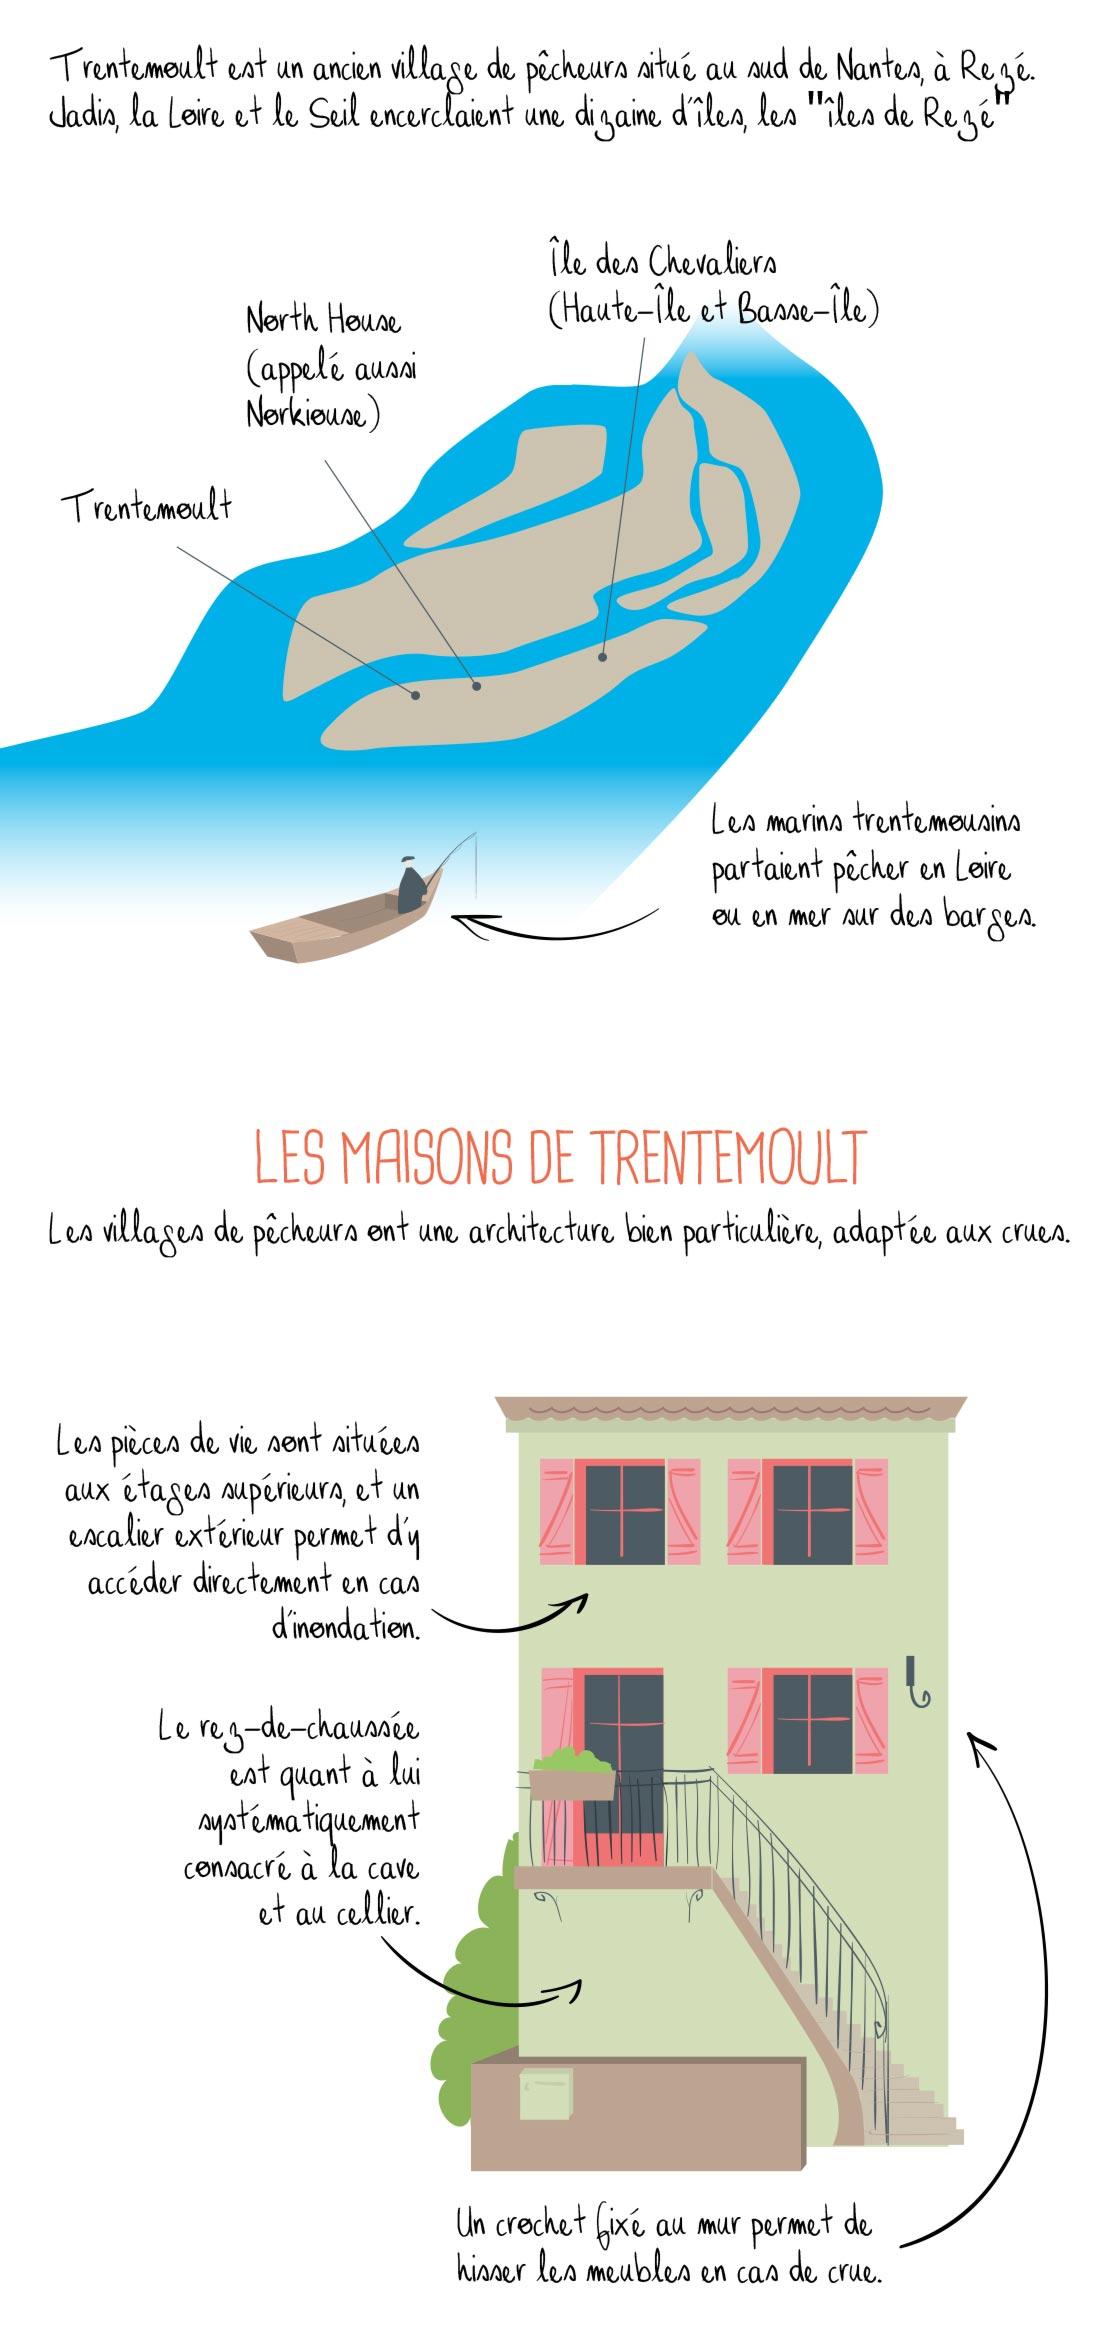 Histoire de Trentemoult, Nantes, partie 1